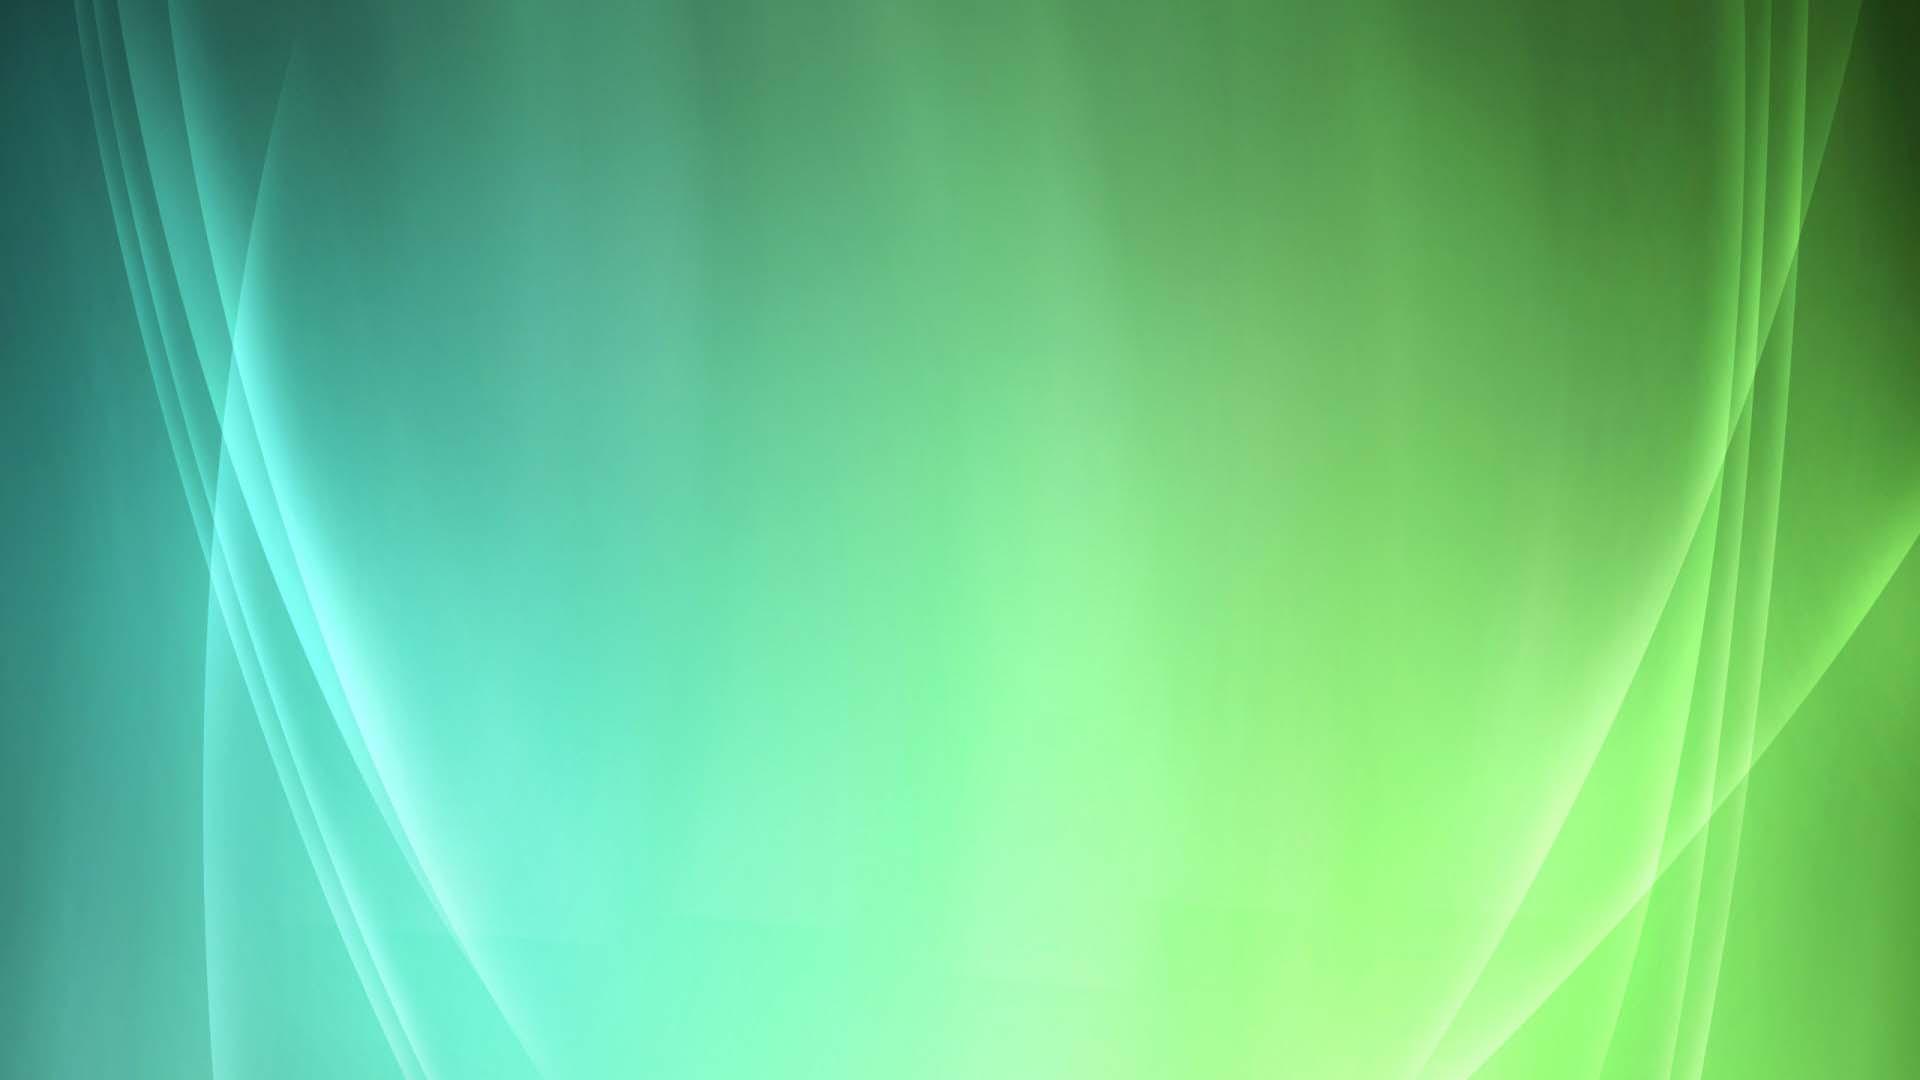 Hình nền xanh cho máy tính